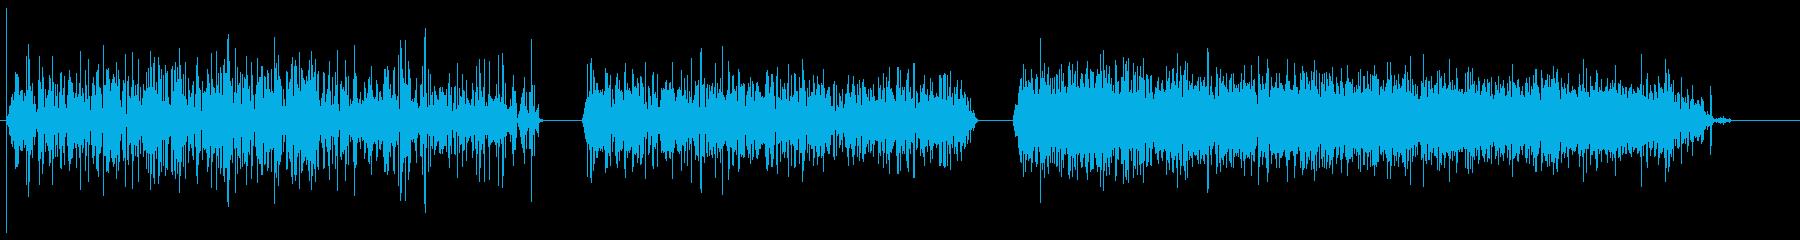 小さく、安定した、速い泡、低中強度...の再生済みの波形